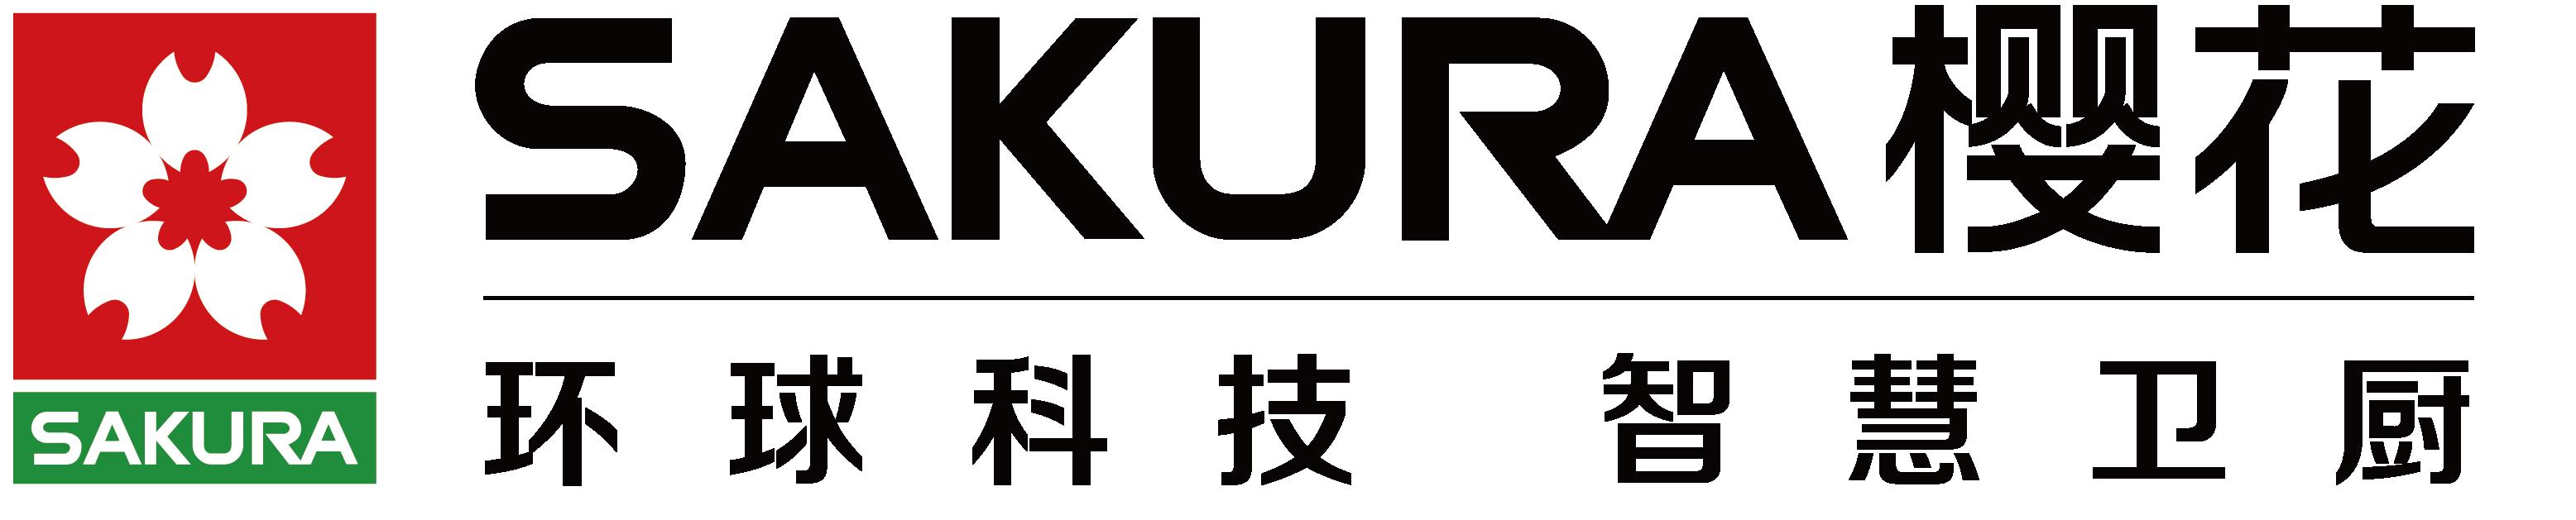 樱花logo.png